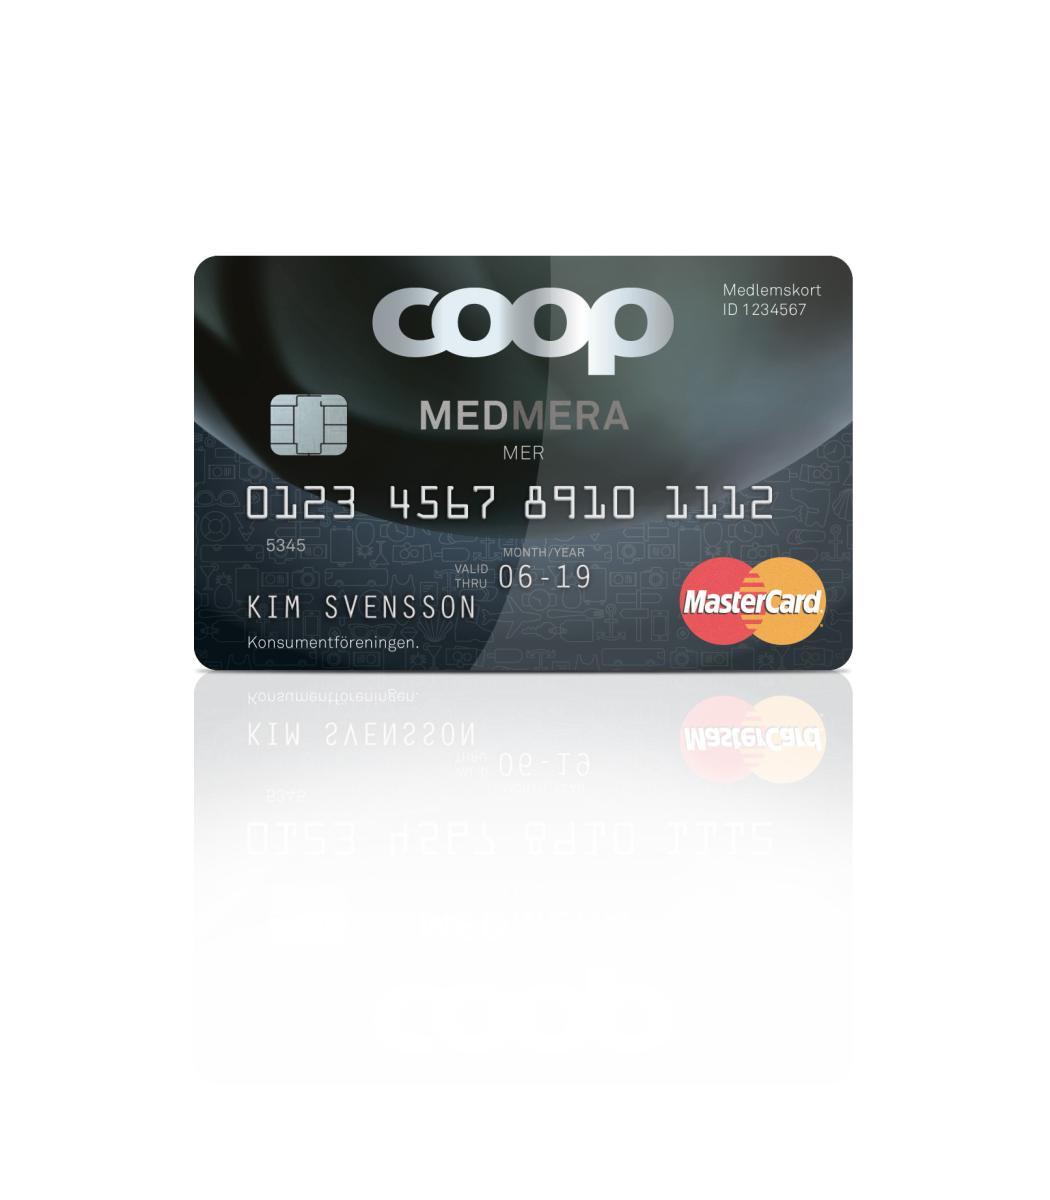 Coop MedMera - MER